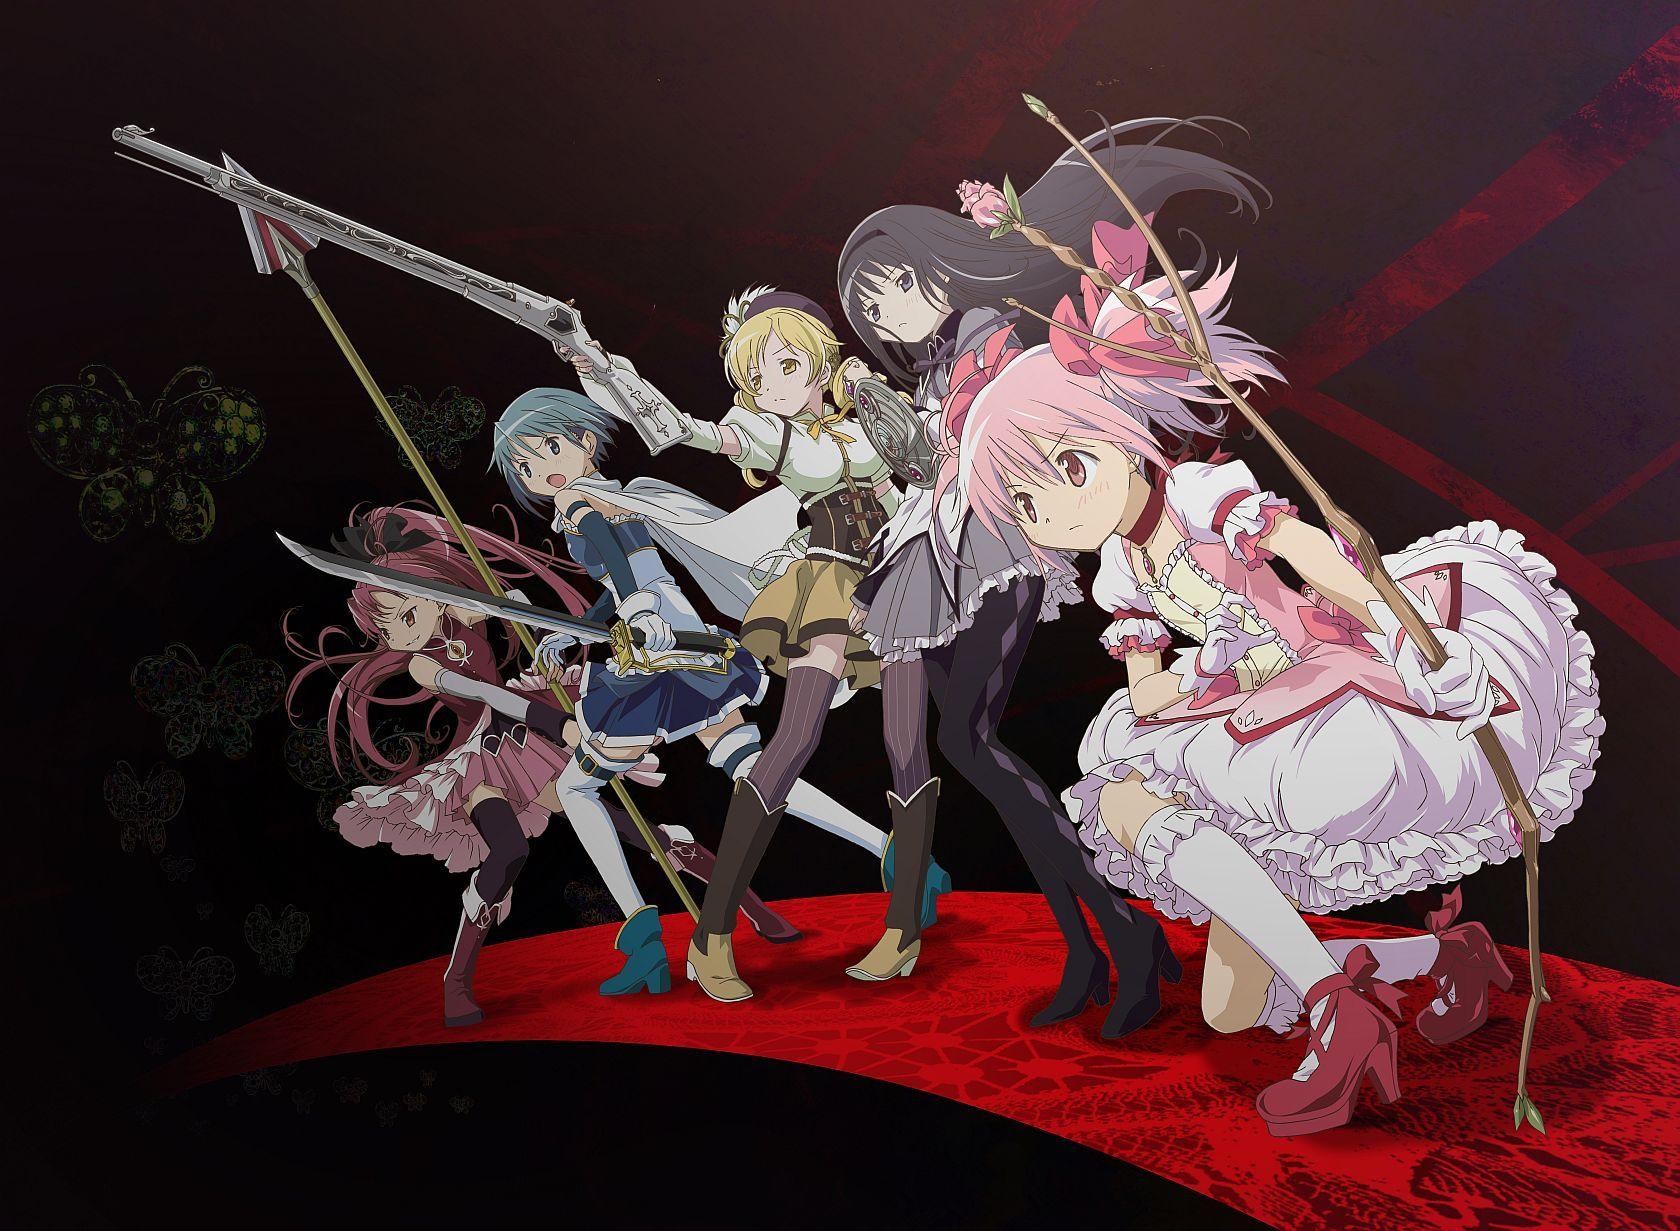 画像 まどかマギカ プレミアム画像集 Naver まとめ Anime Magi Madoka Magica Anime